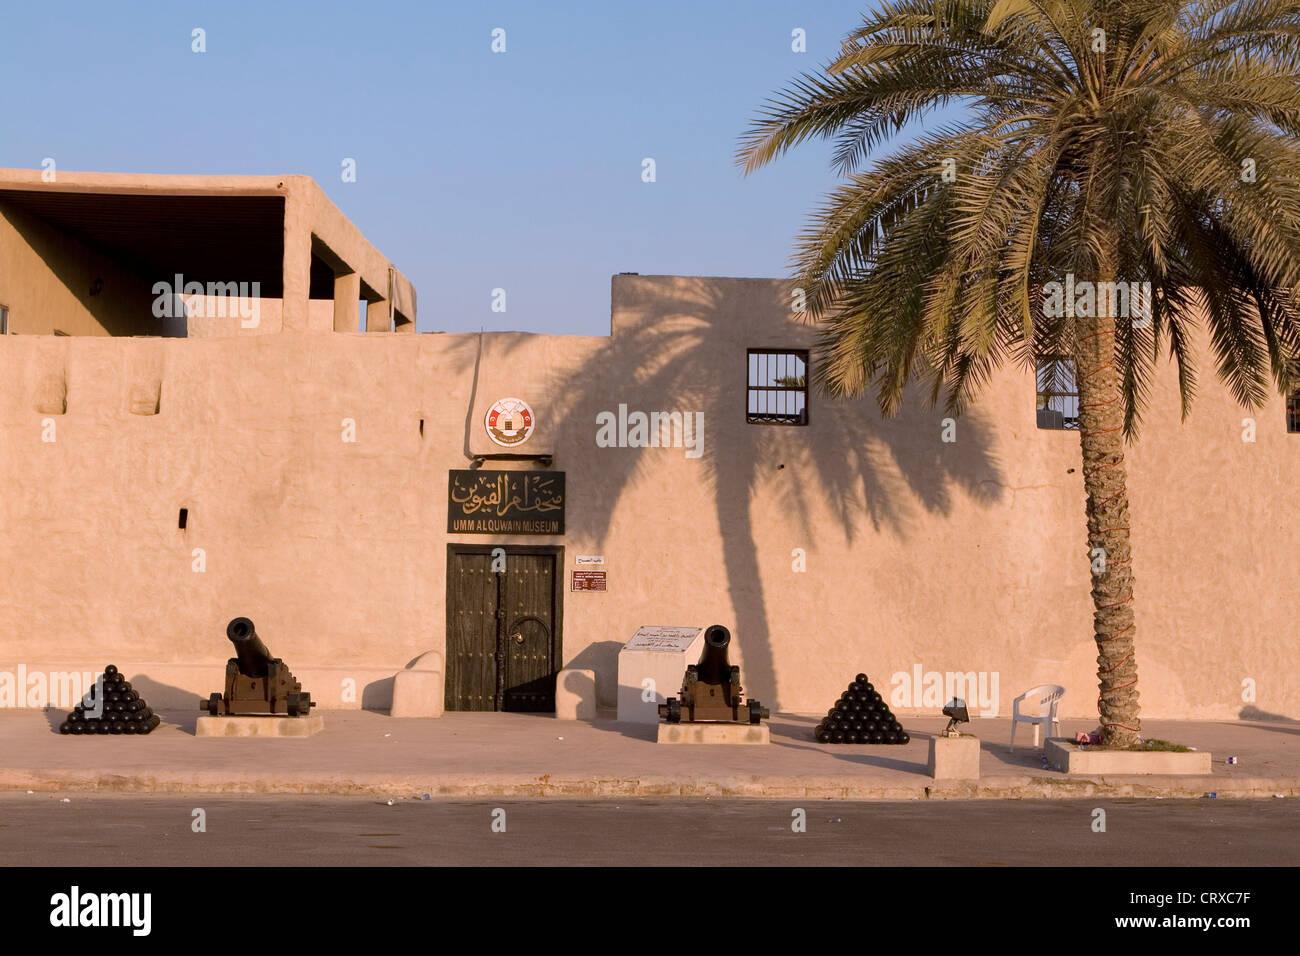 Fish aquarium in umm al quwain - Entrance To Umm Al Quwain Museum Housed In A Restored Fort Umm Al